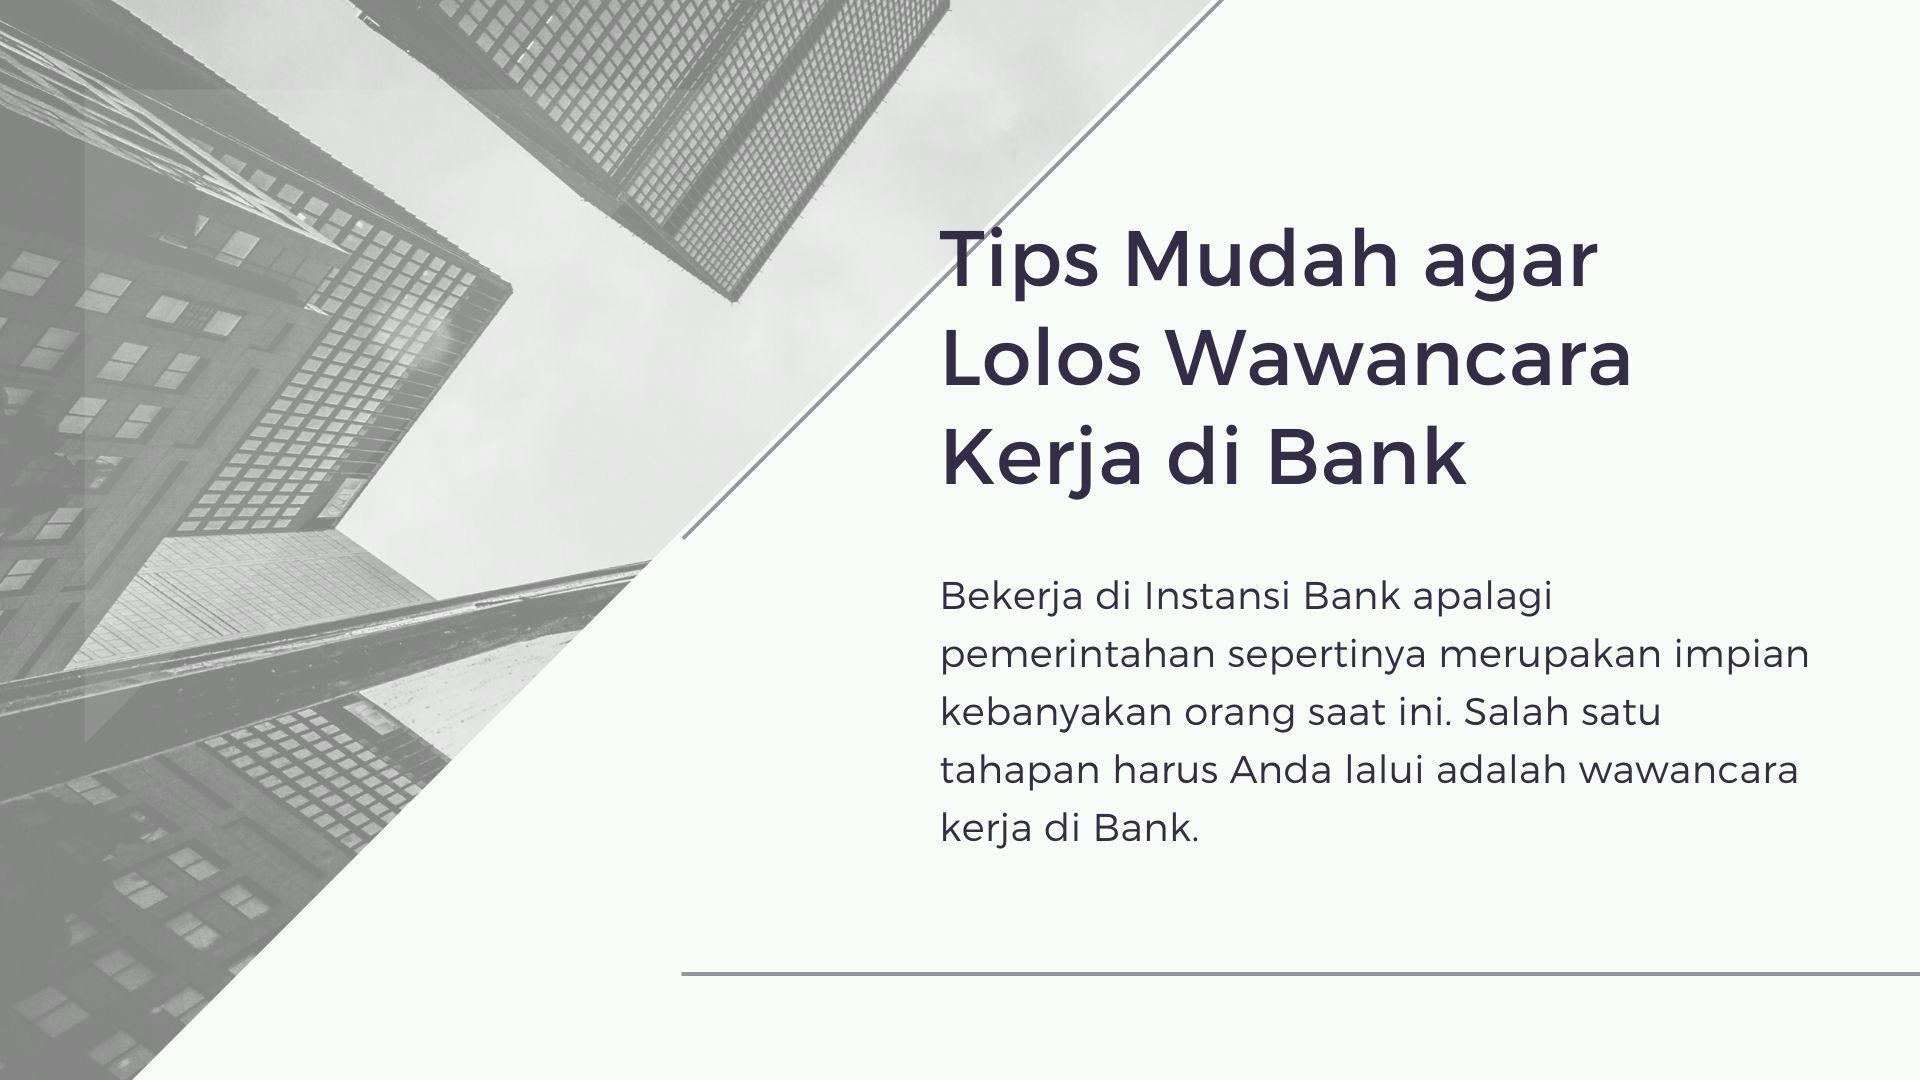 Wawancara Kerja Di Bank